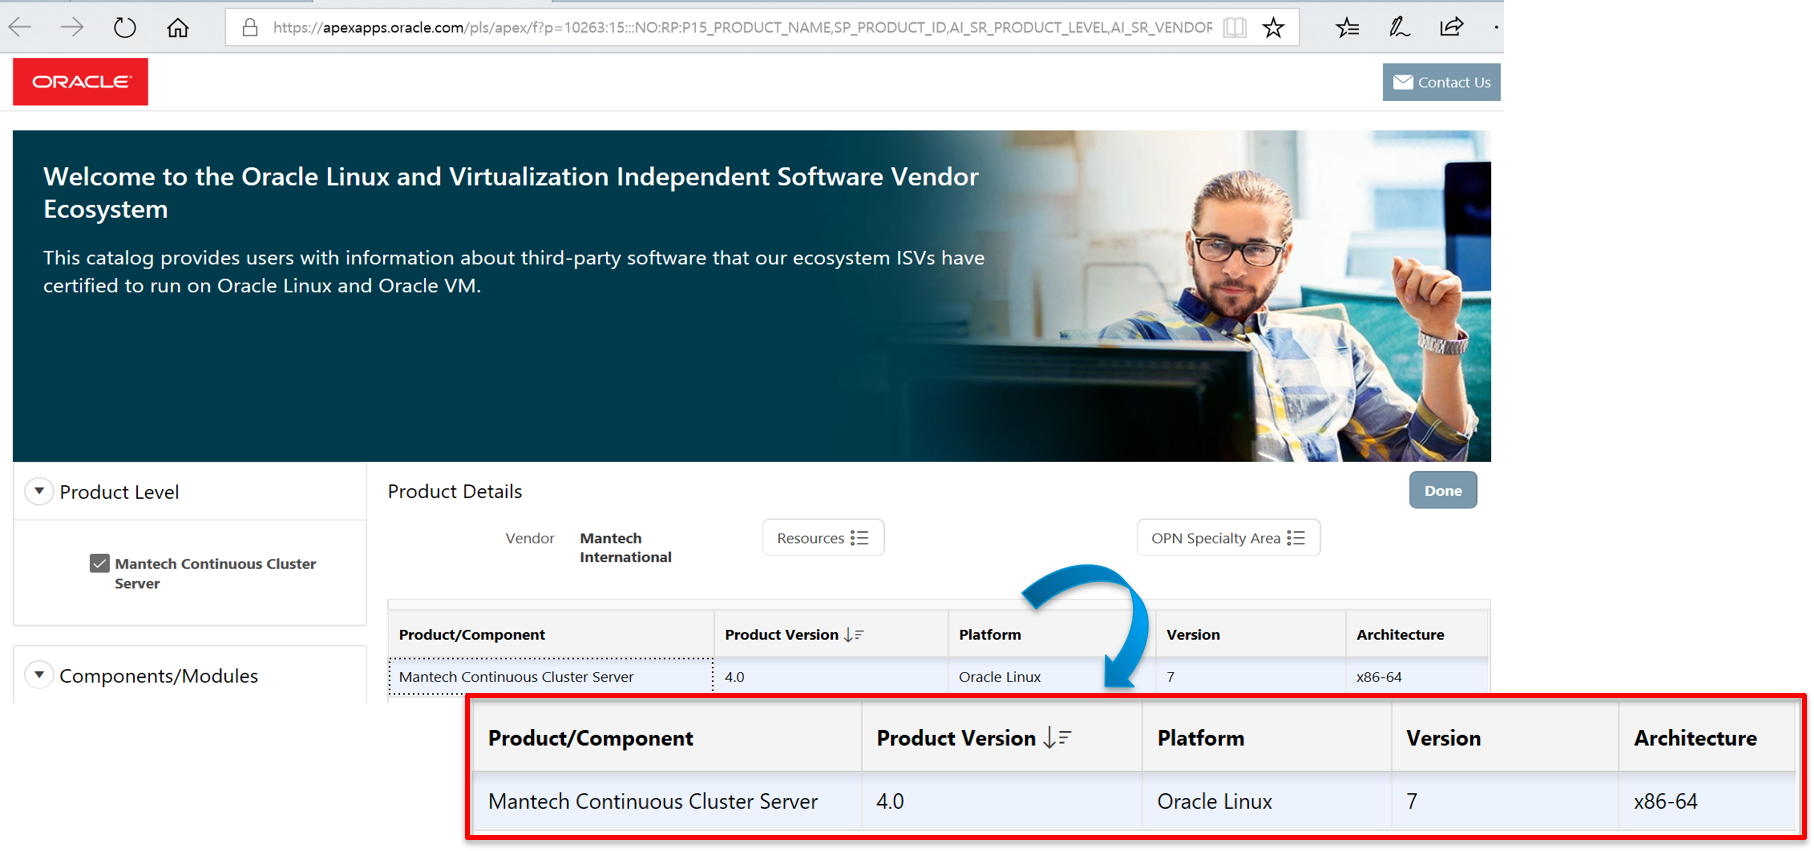 맨텍 MCCS, Oracle Linux 인증 획득